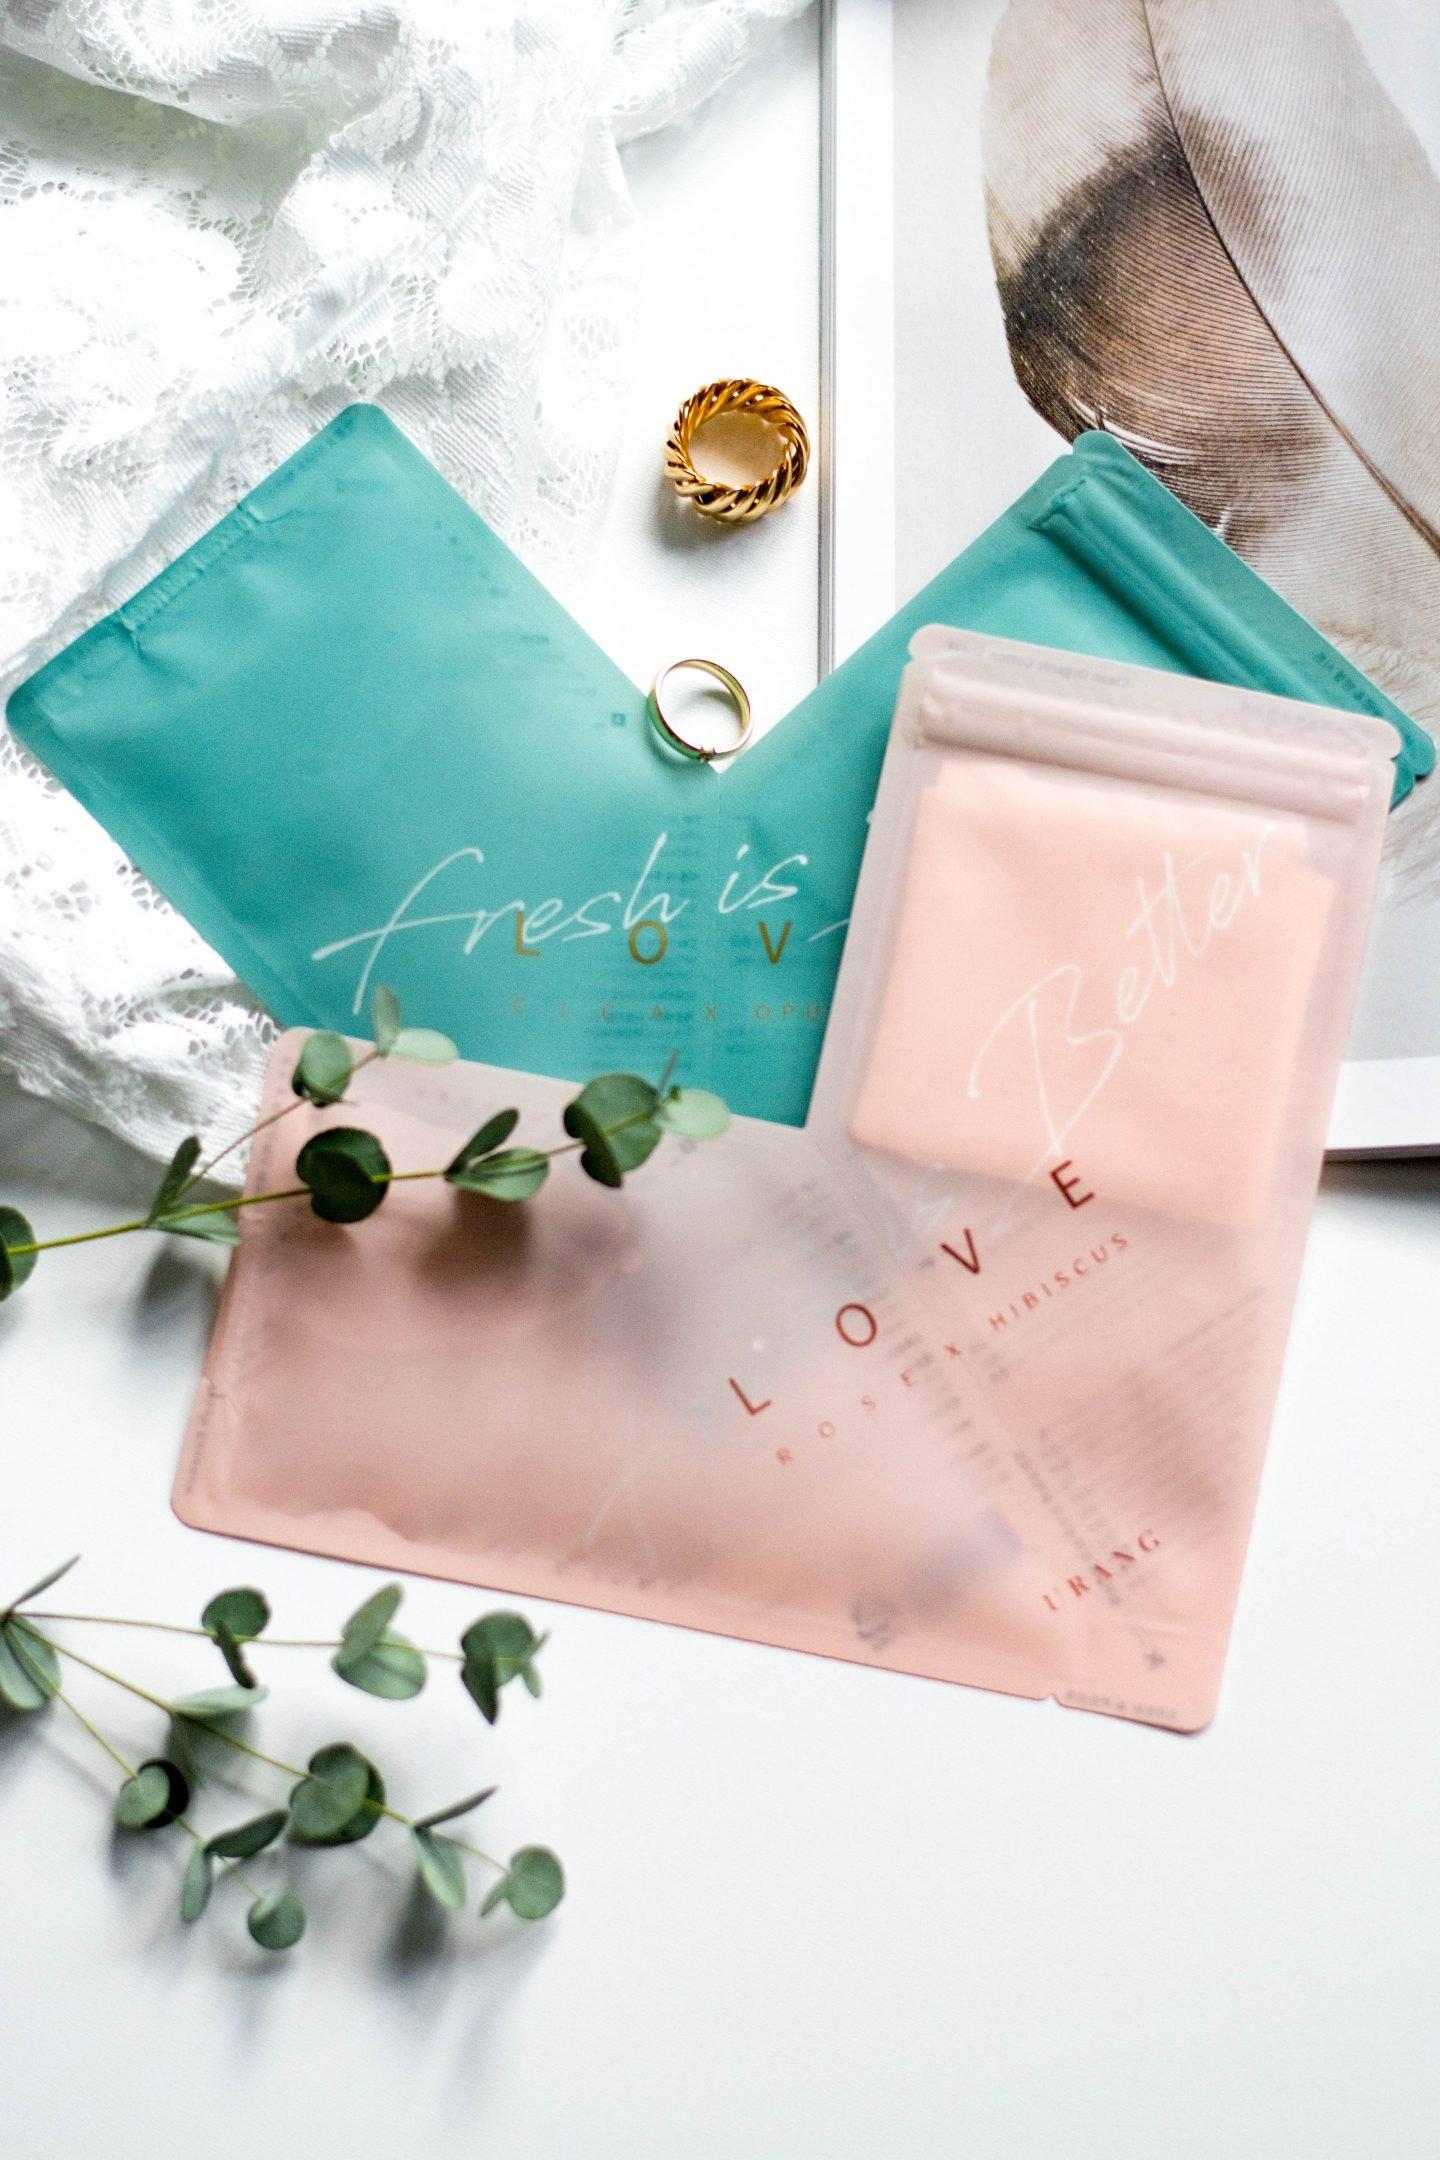 Fresh is better, Pflege, Beauty, Maske, Gesichtsmaske, ü40Blog, Winterhaut, Hautpflege empfindliche Haut, feuchtigkeisspendende Pflege, Tiefenwirkung, gepflegte Haut